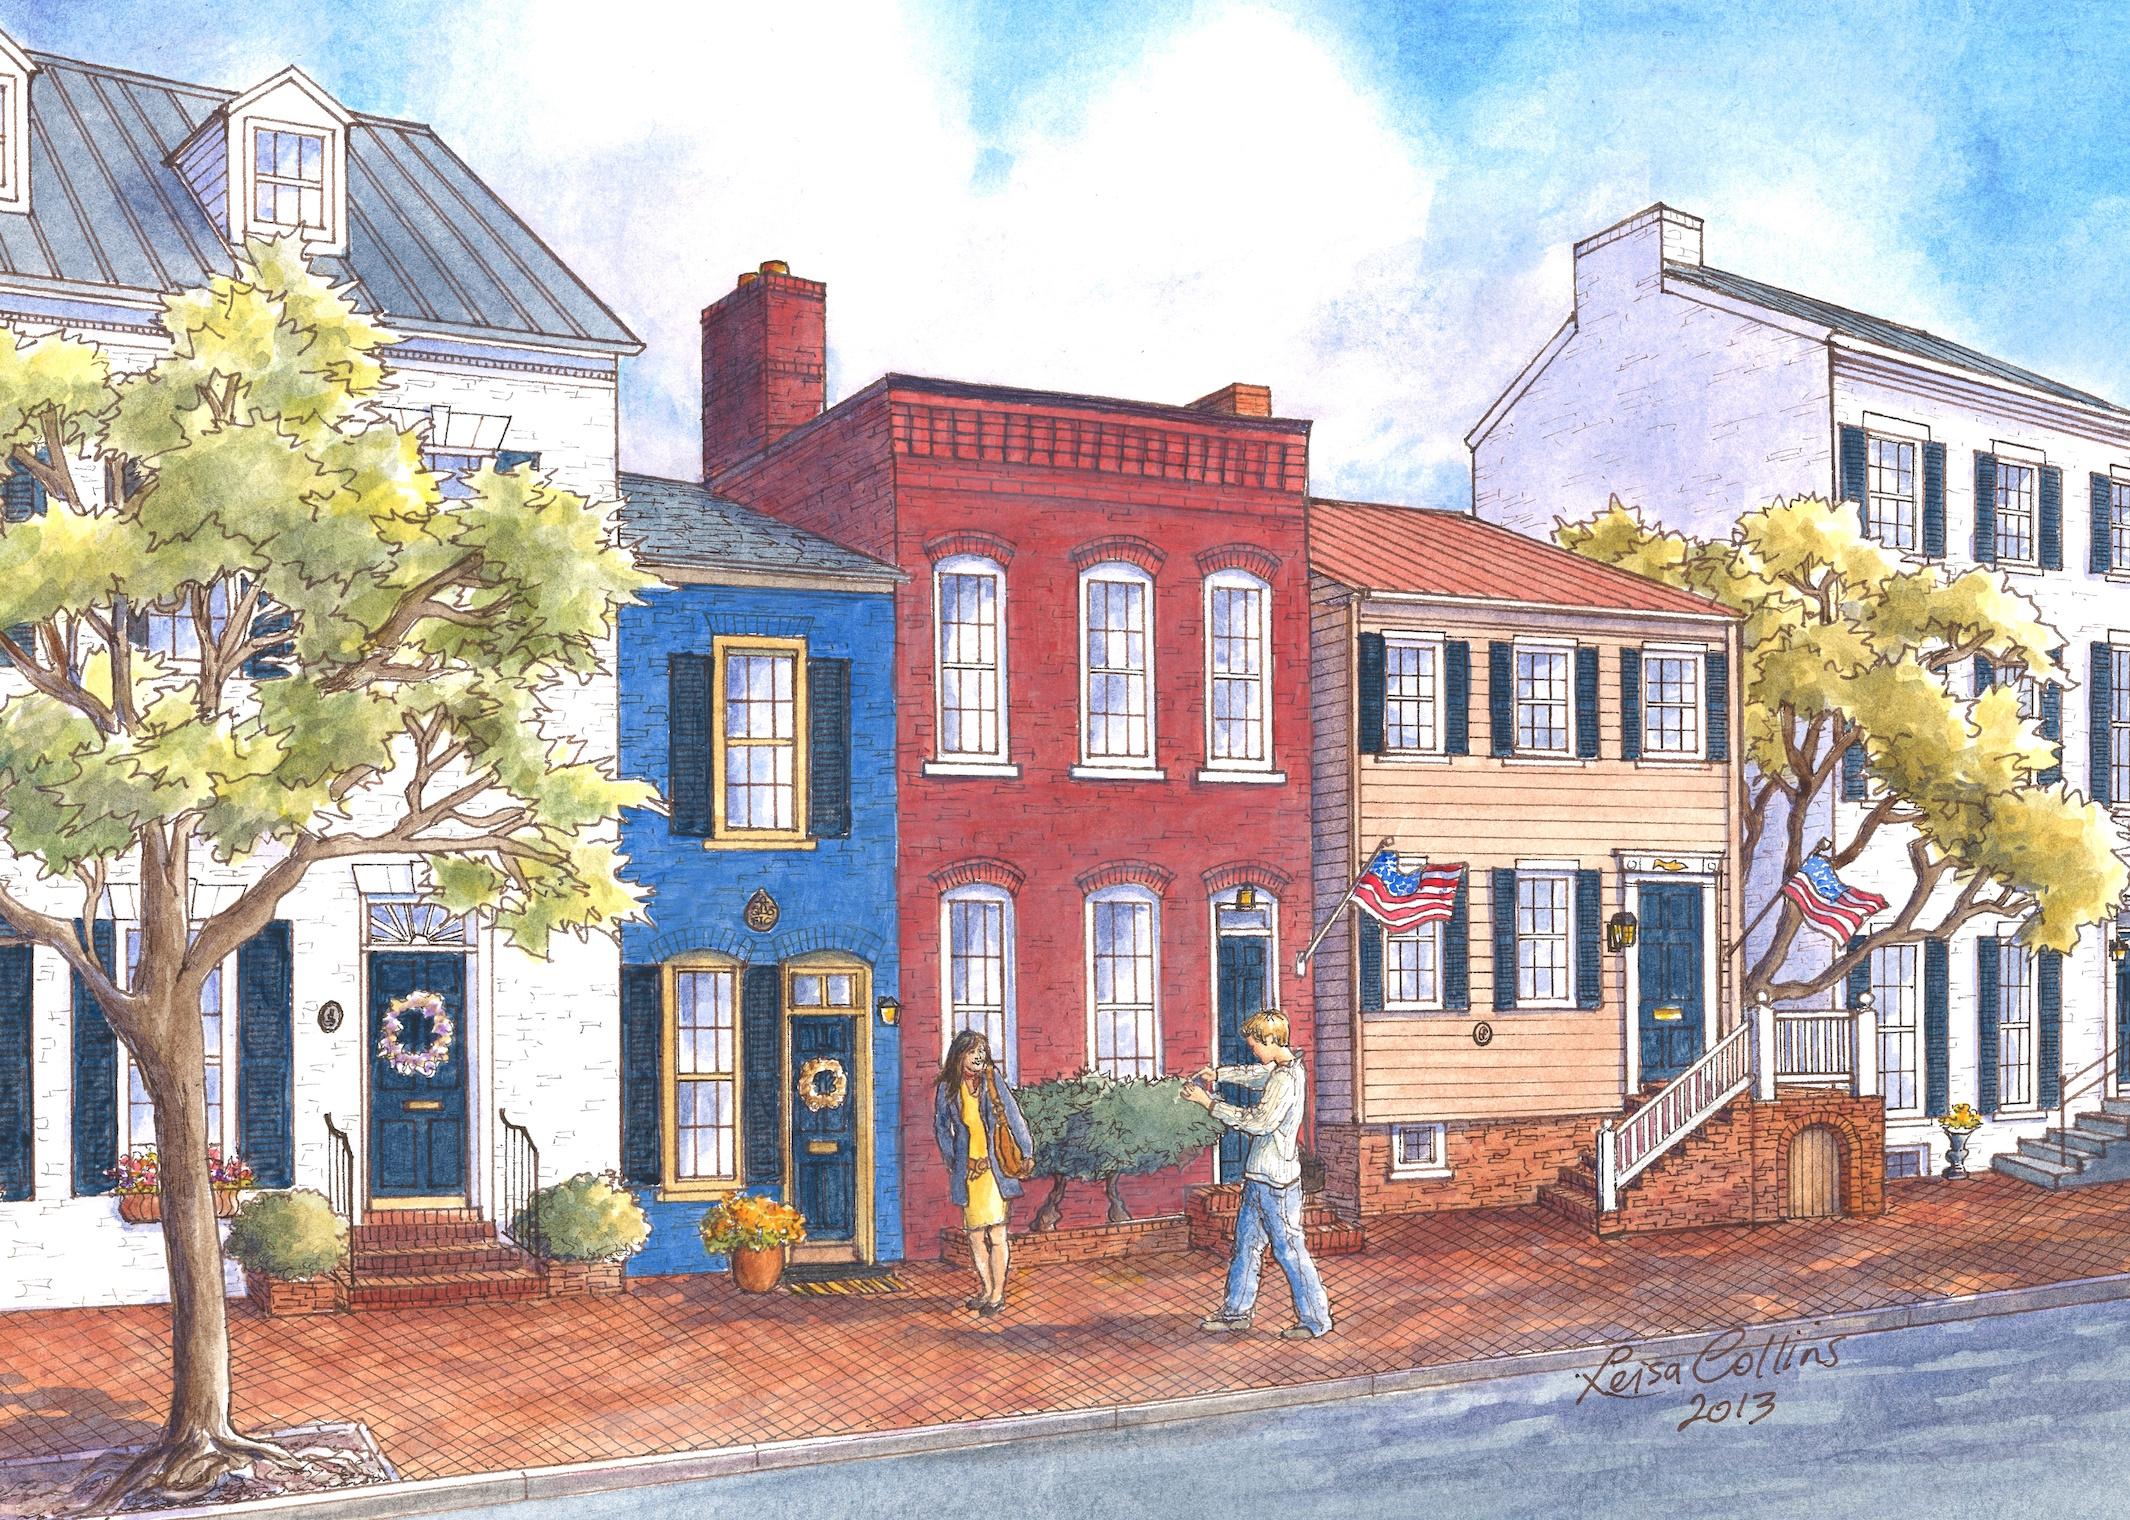 16.-Queen-Street-Old-Town-Alexandria-